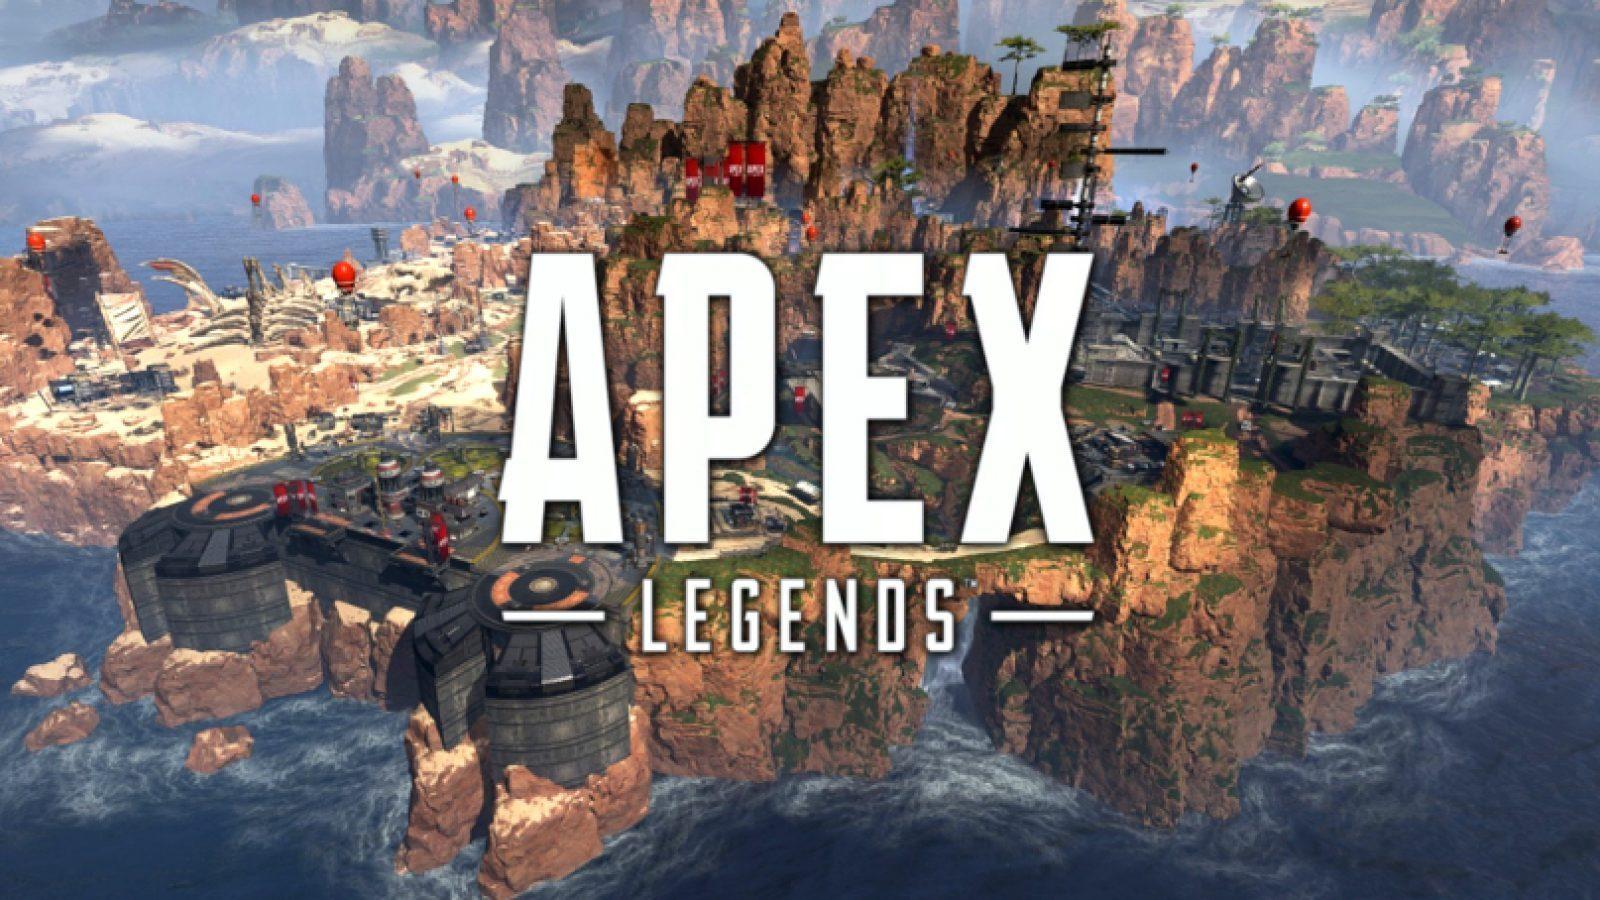 Data menunjukkan lokasi pengiriman paling populer dari Apex Legends